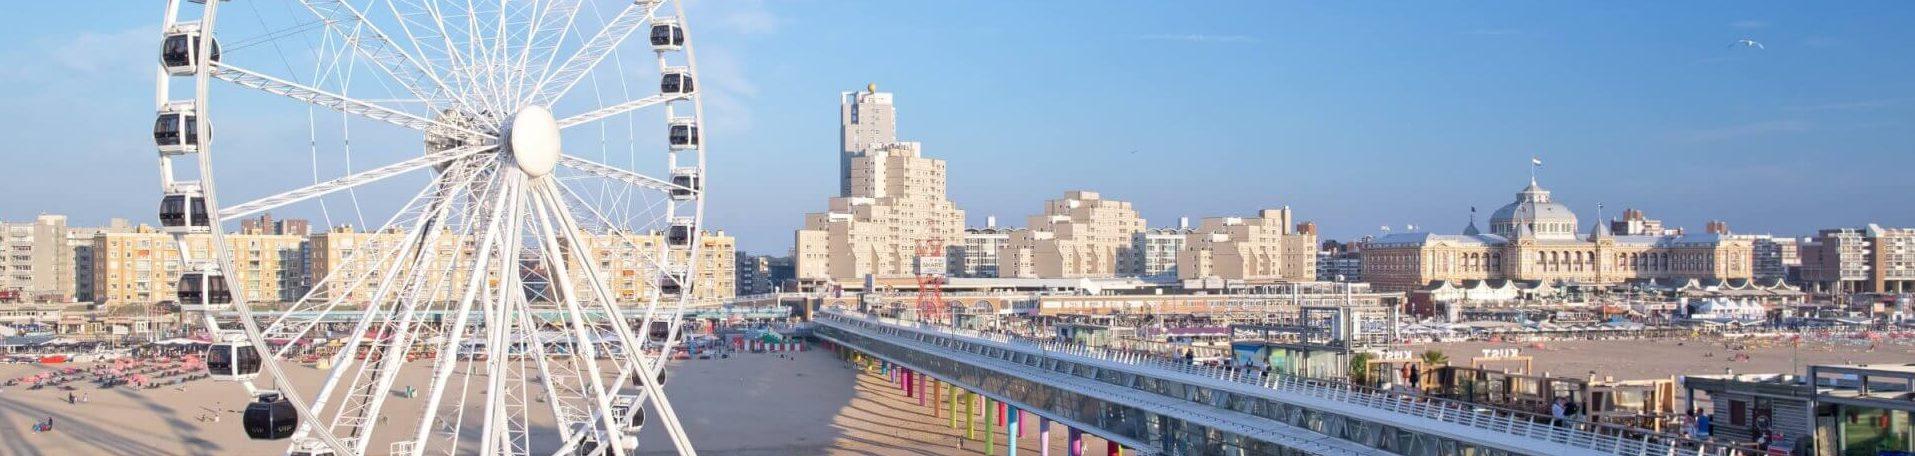 Horeca vacatures Den Haag